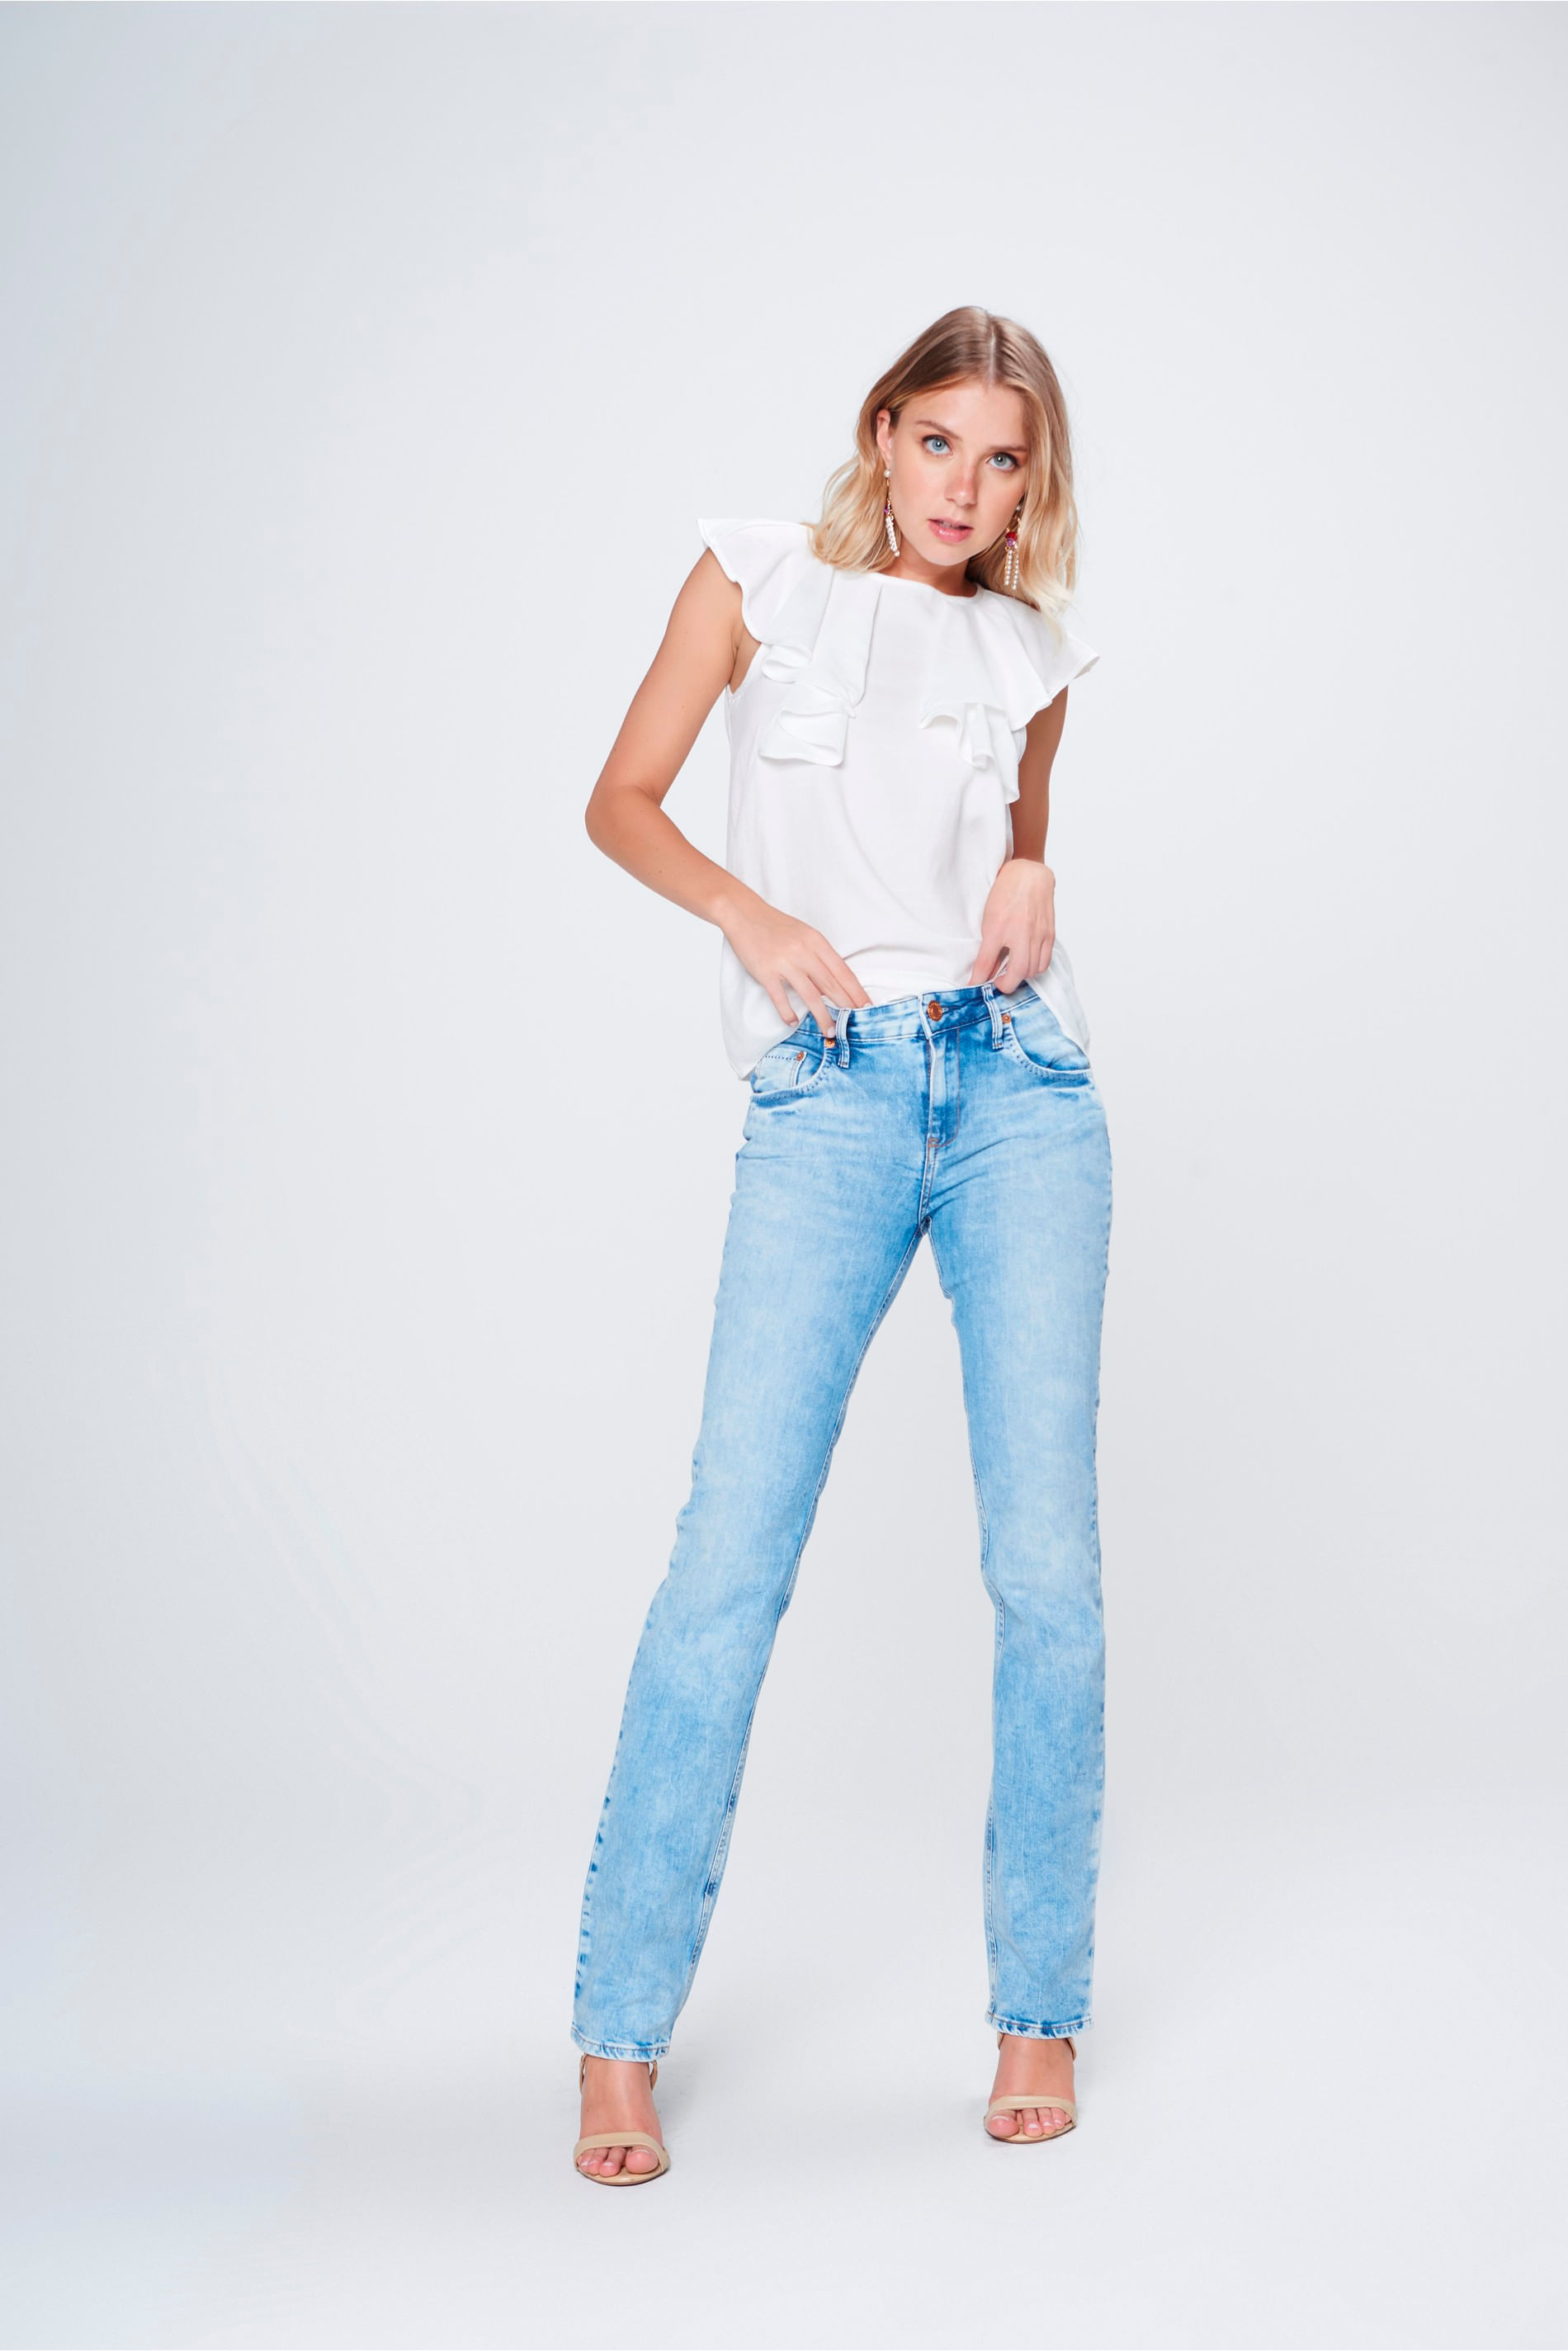 Calça Jeans Reta Básica de Cintura Alta - Damyller cde487f97f5